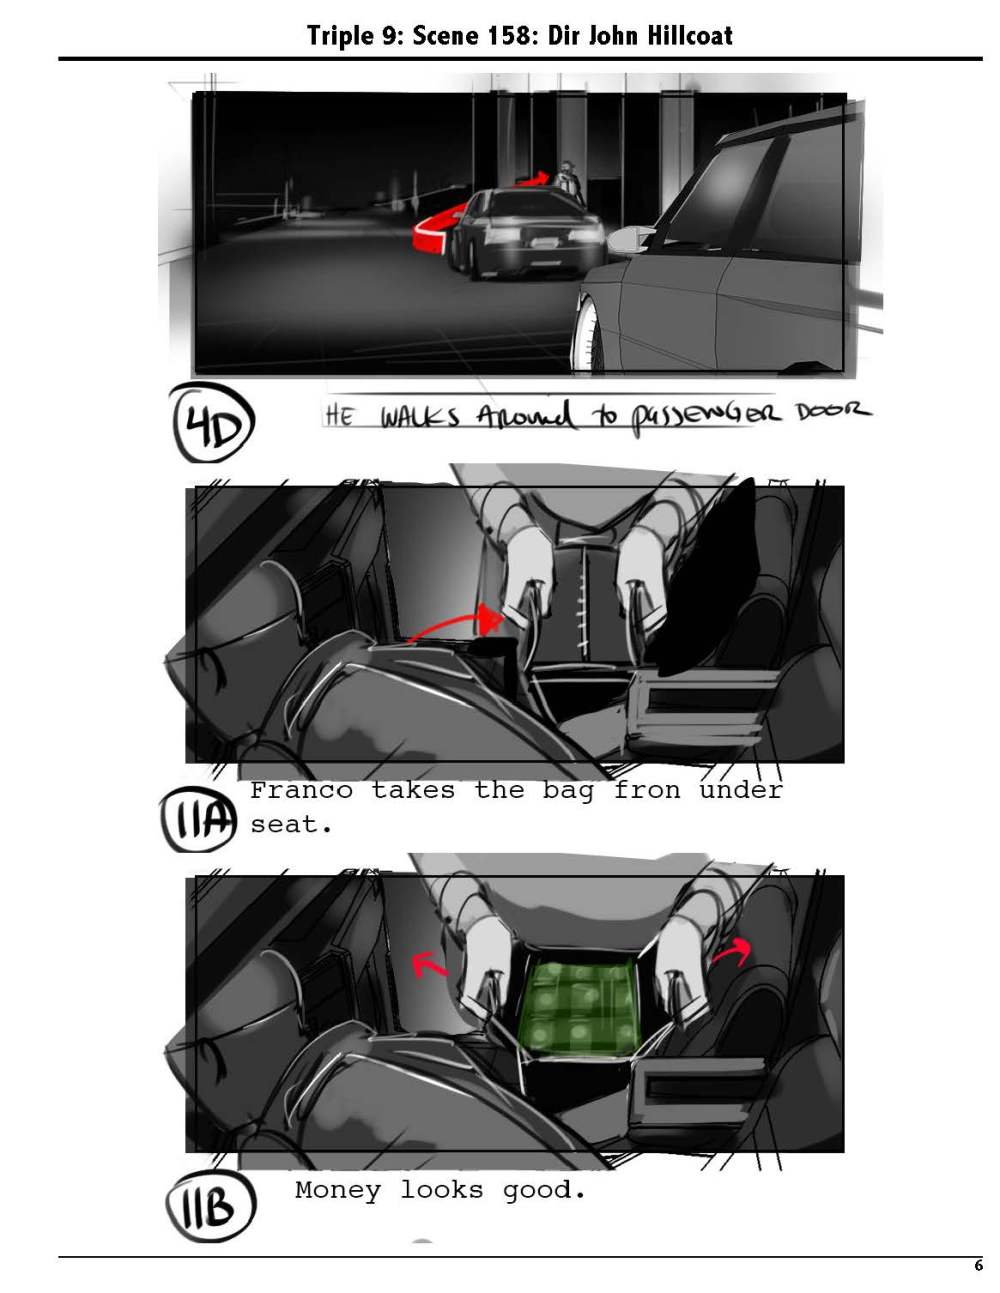 31-triple9-sc_158_v03_page_6